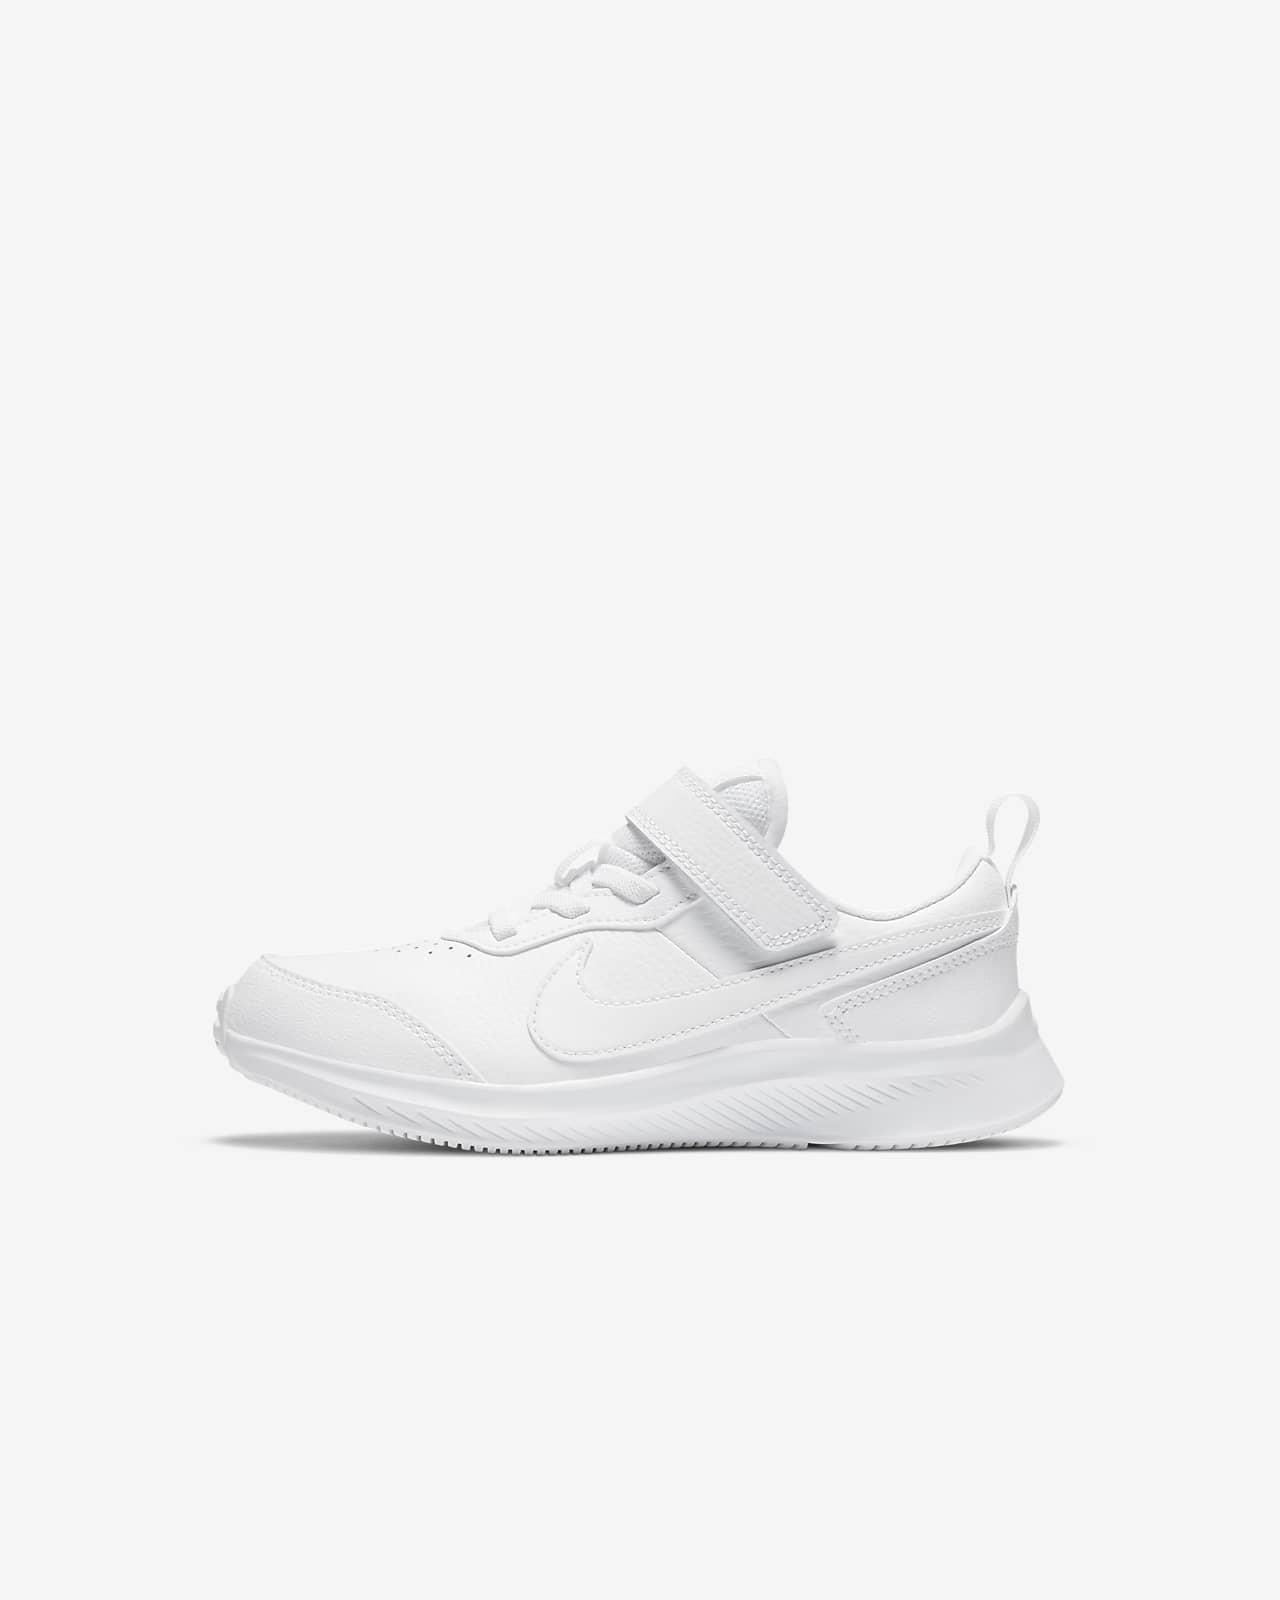 Nike Varsity Küçük Çocuk Ayakkabısı